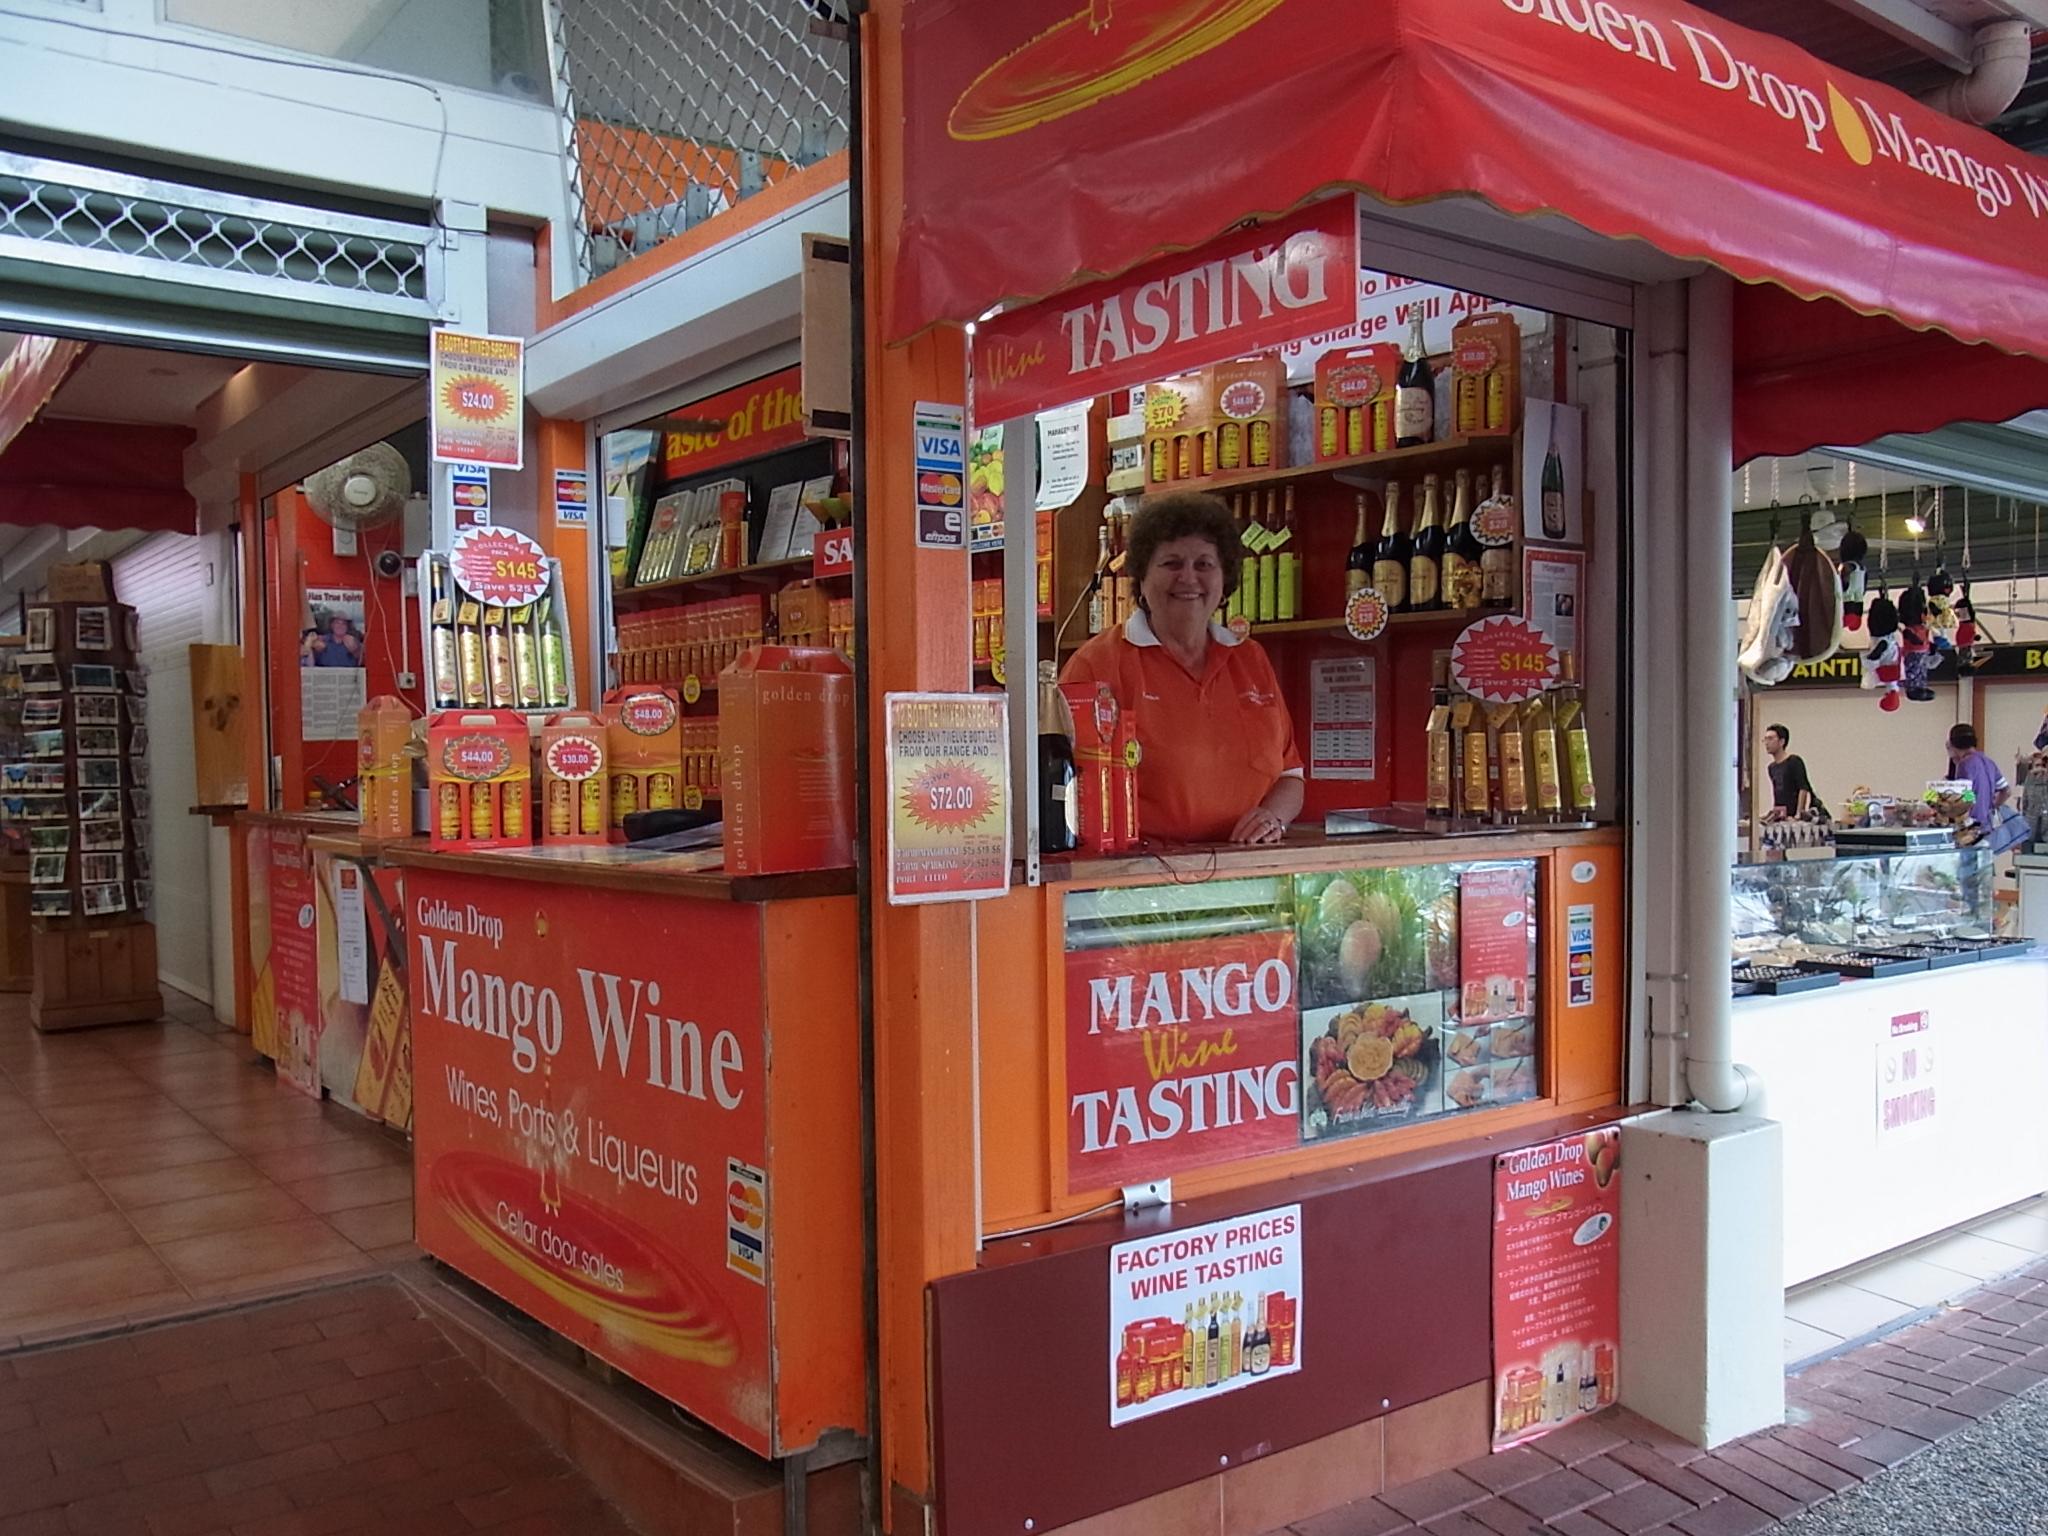 <p>また、人気の観光スポット、キュランダにもお店があります。 メインストリートCoondoo通りの中ほどにある、赤とオレンジのお店が目印! こちらでも試飲をすることができますよ。 営業時間は9:00〜16:00。 キュランダに遊びに行ったらぜひ立ち寄ってみてくださいね。</p>